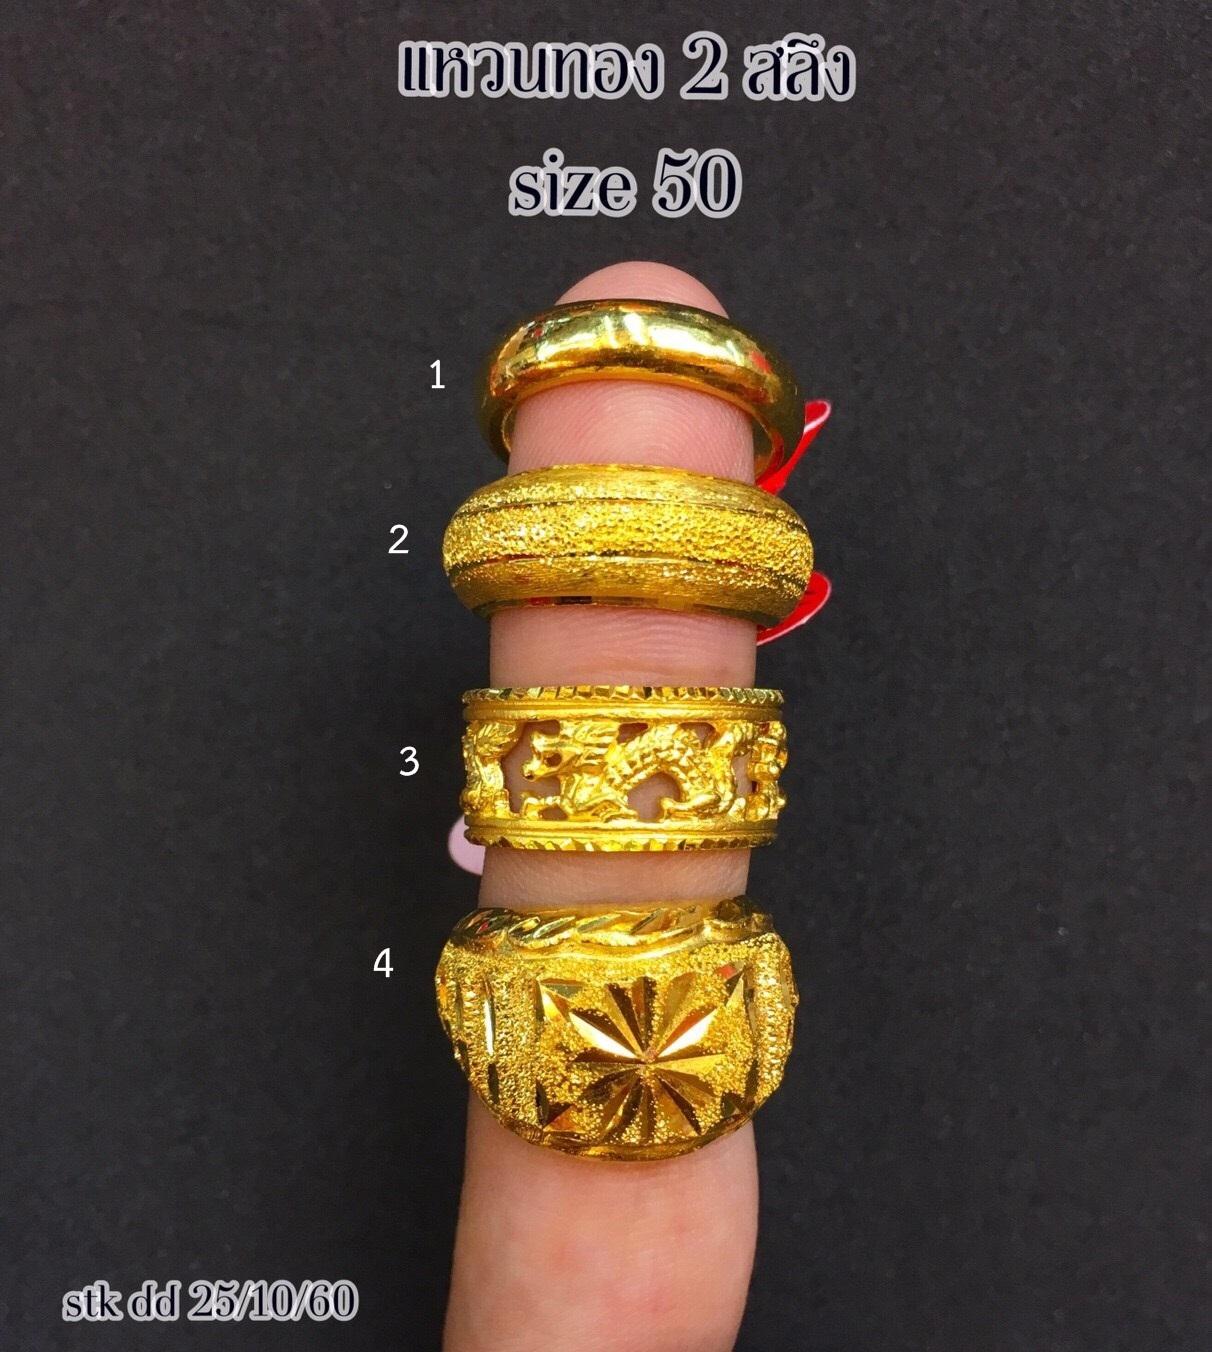 แหวนทองแท้ 96.5% หนัก 2 สลึง size 50